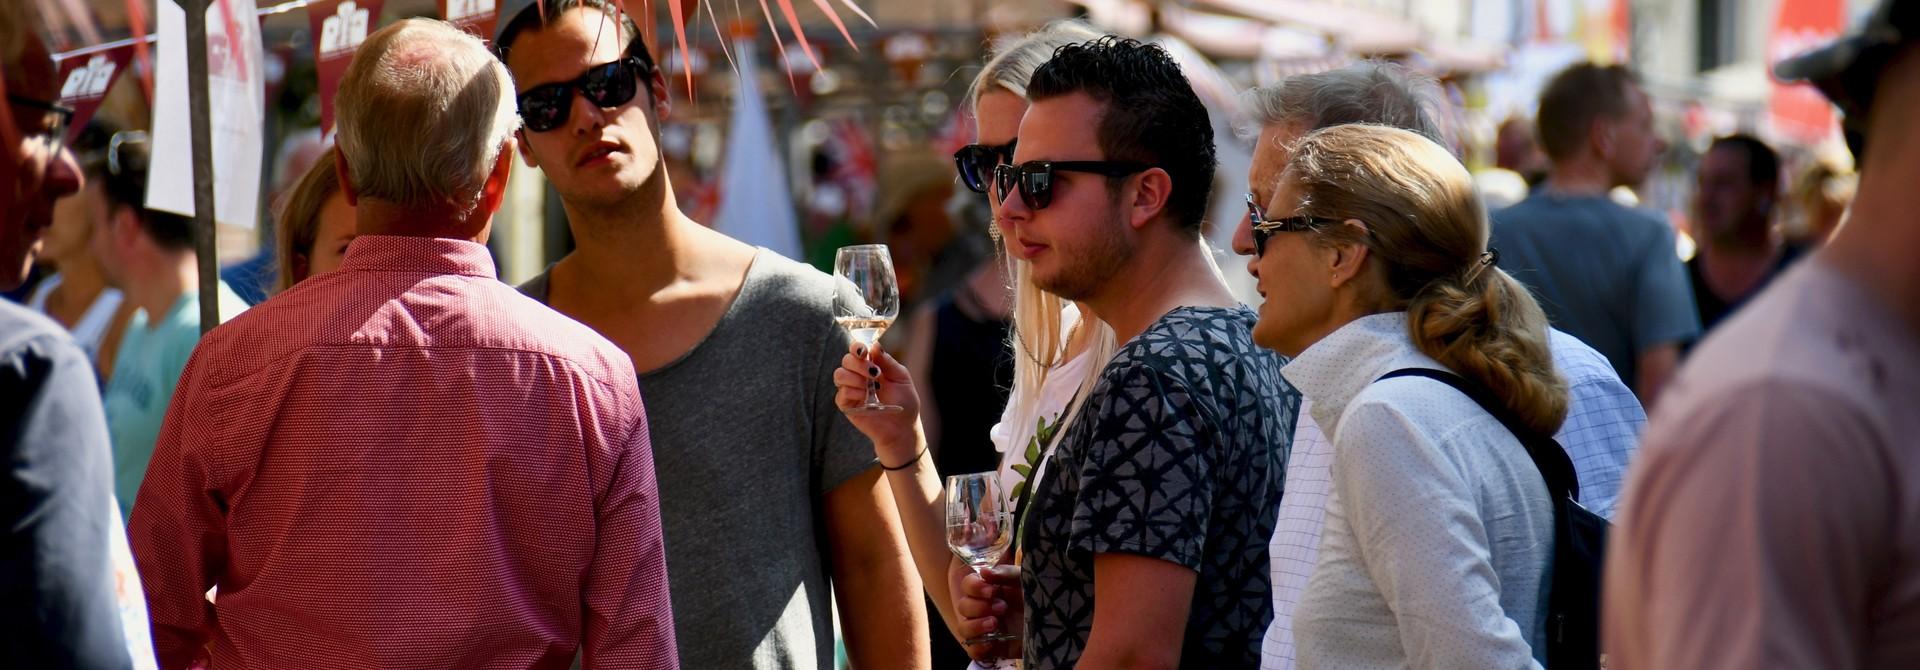 Wijnfestival - Chateau voor Buren  25 augustus 2019